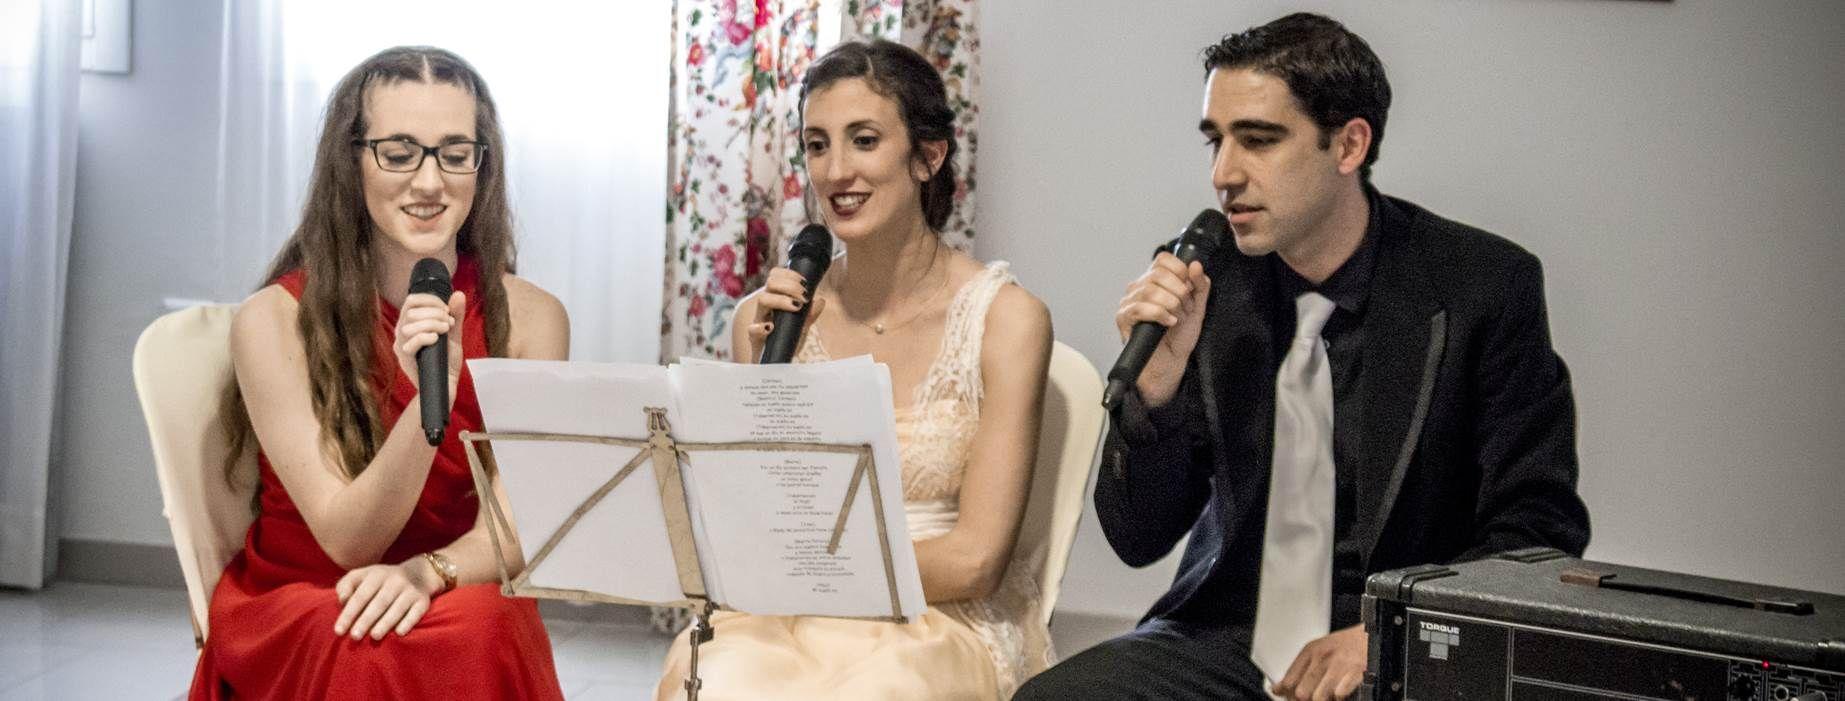 Jóvenes talentos musicales: Servicios de Animación sociocultural Nydia